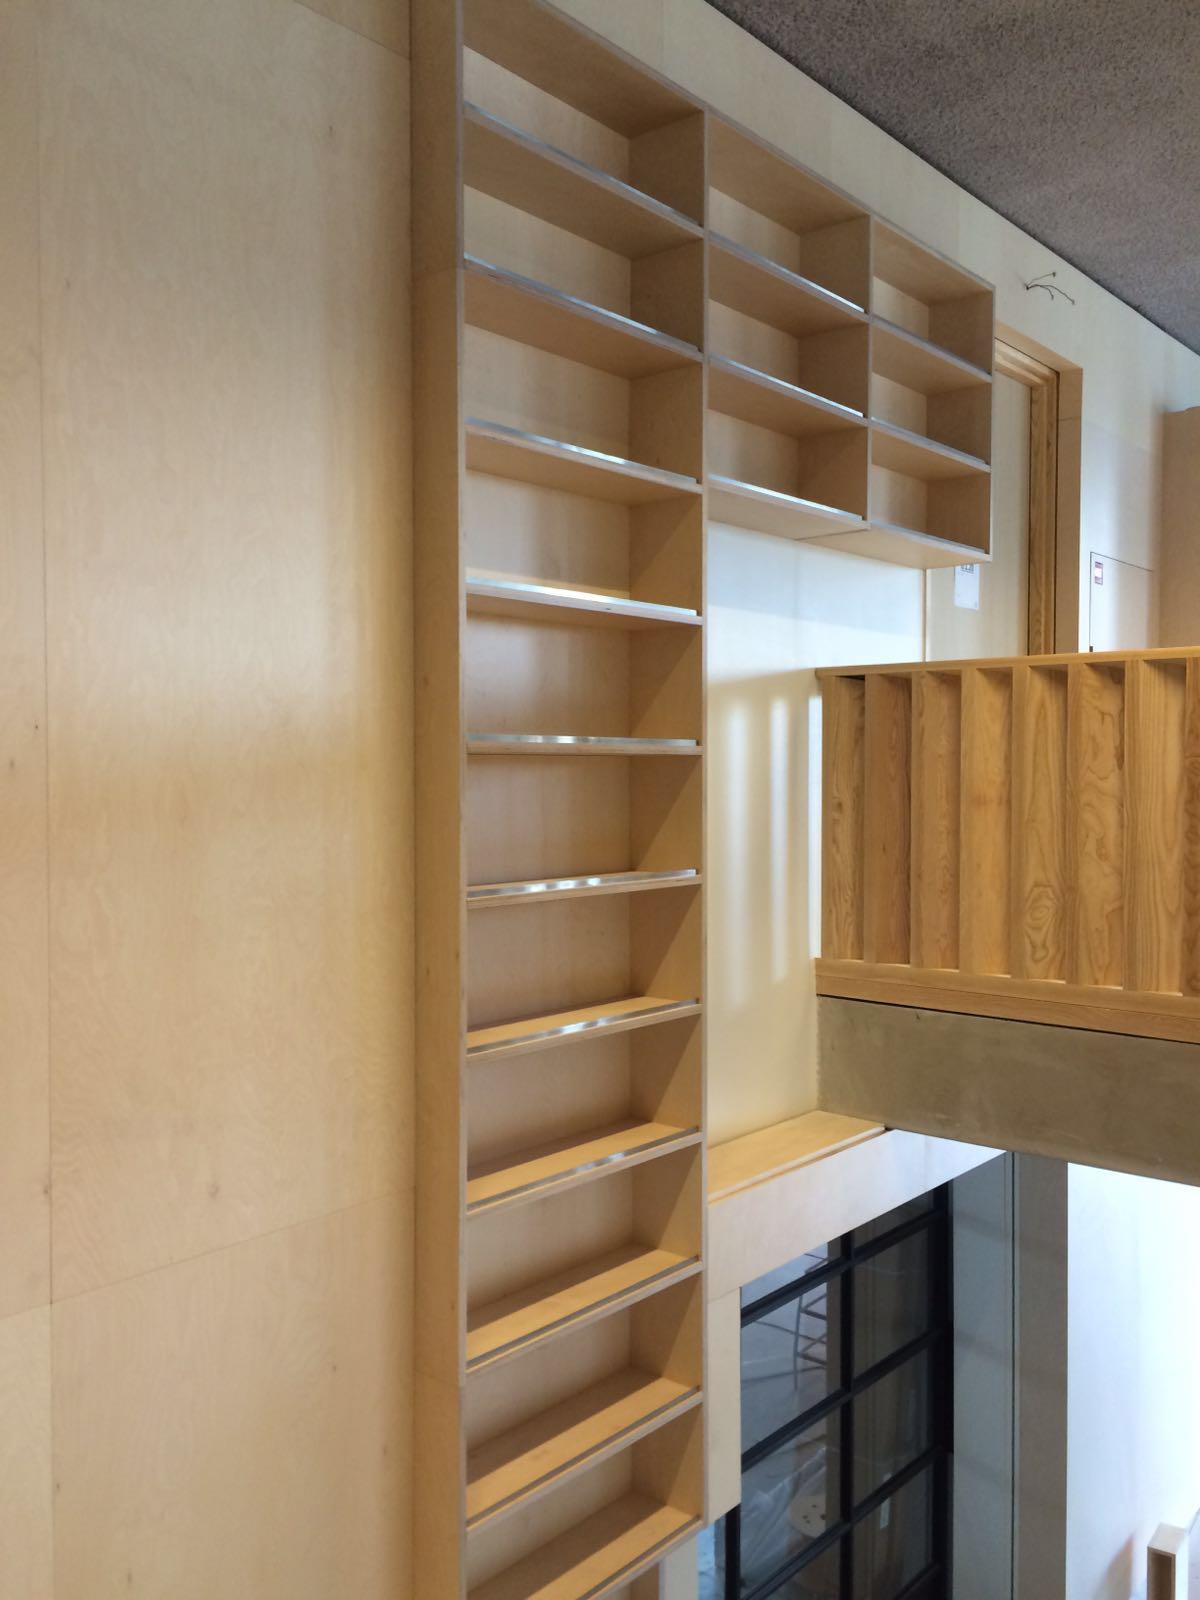 image 1 - Bibliotheek Ligne Sittard